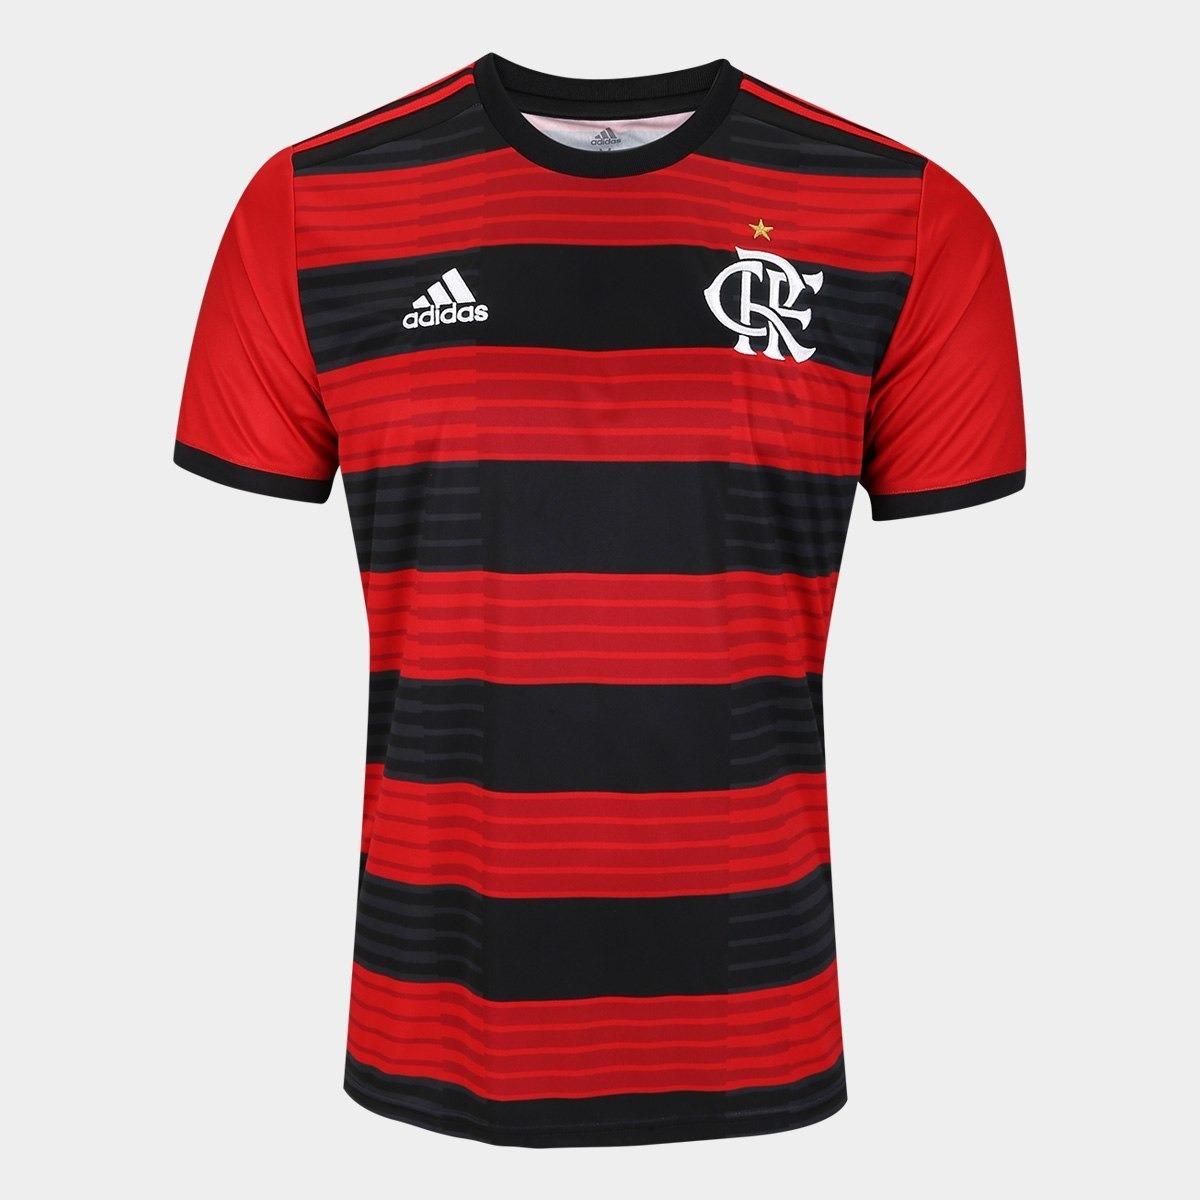 Camisa Flamengo 2019 100% Original Frete Gratis - R  139 545c95306514c